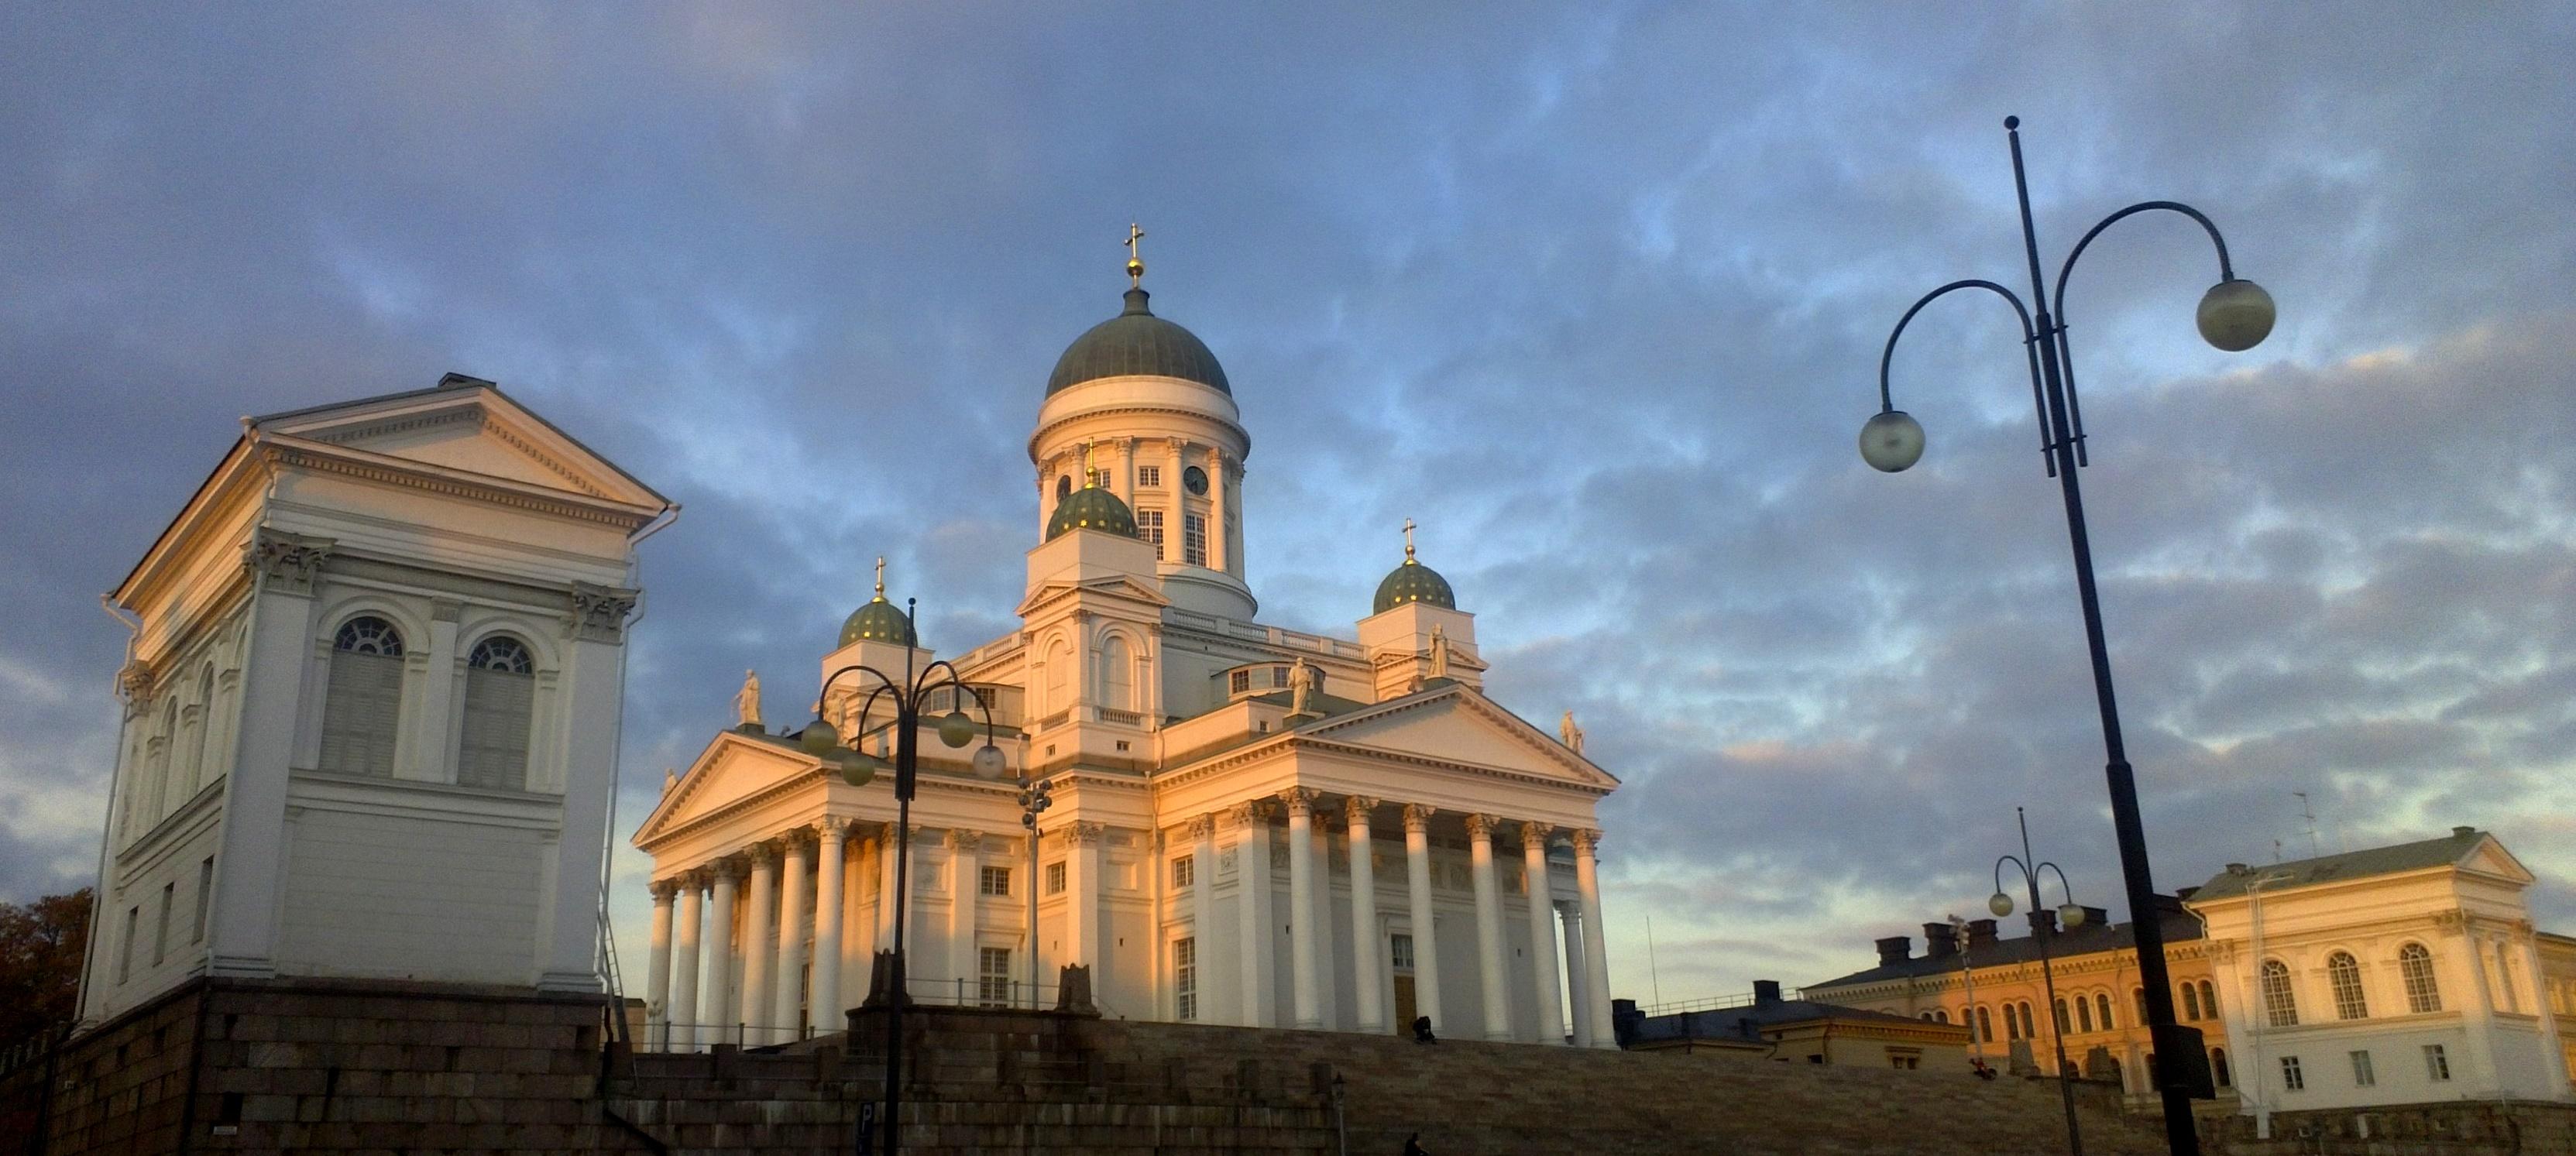 Helsinki is hell